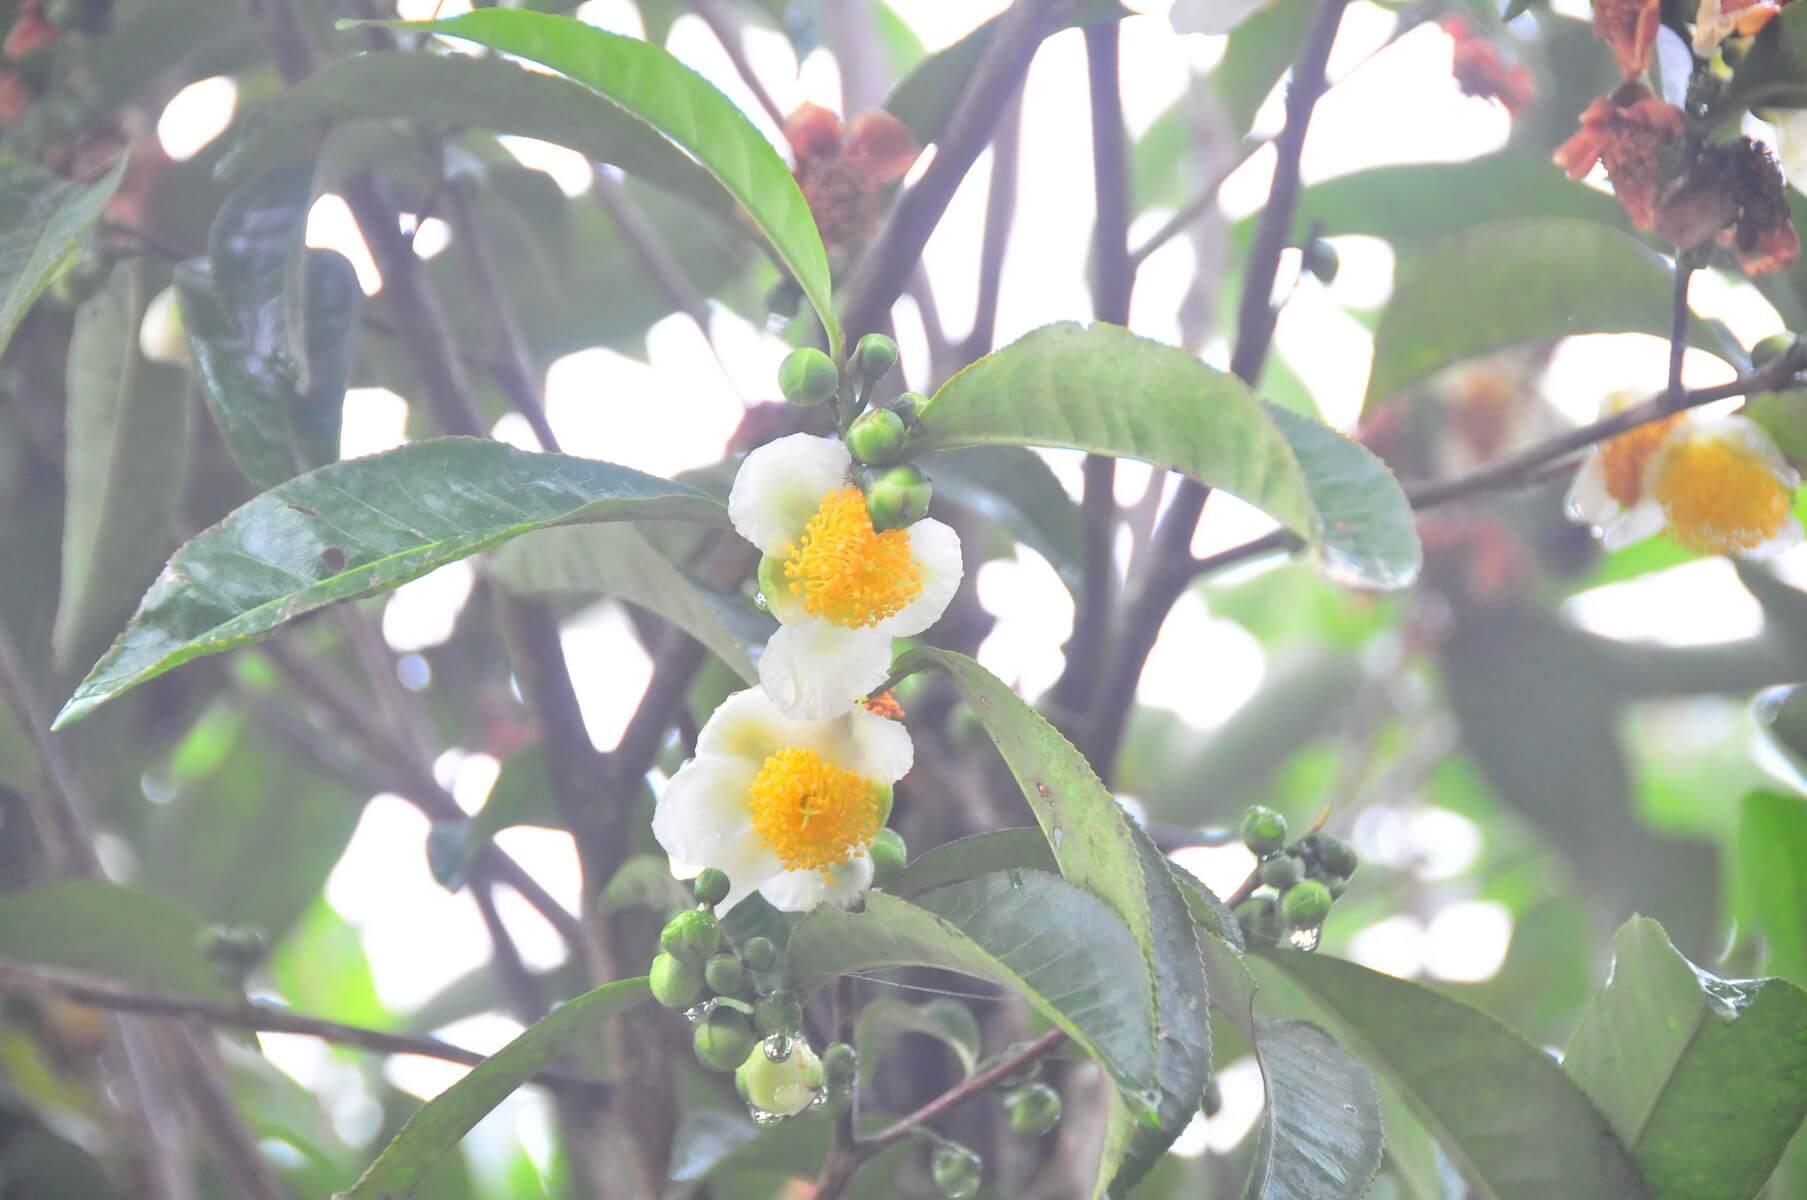 Đặc điểm về hoa, quả của cây chè